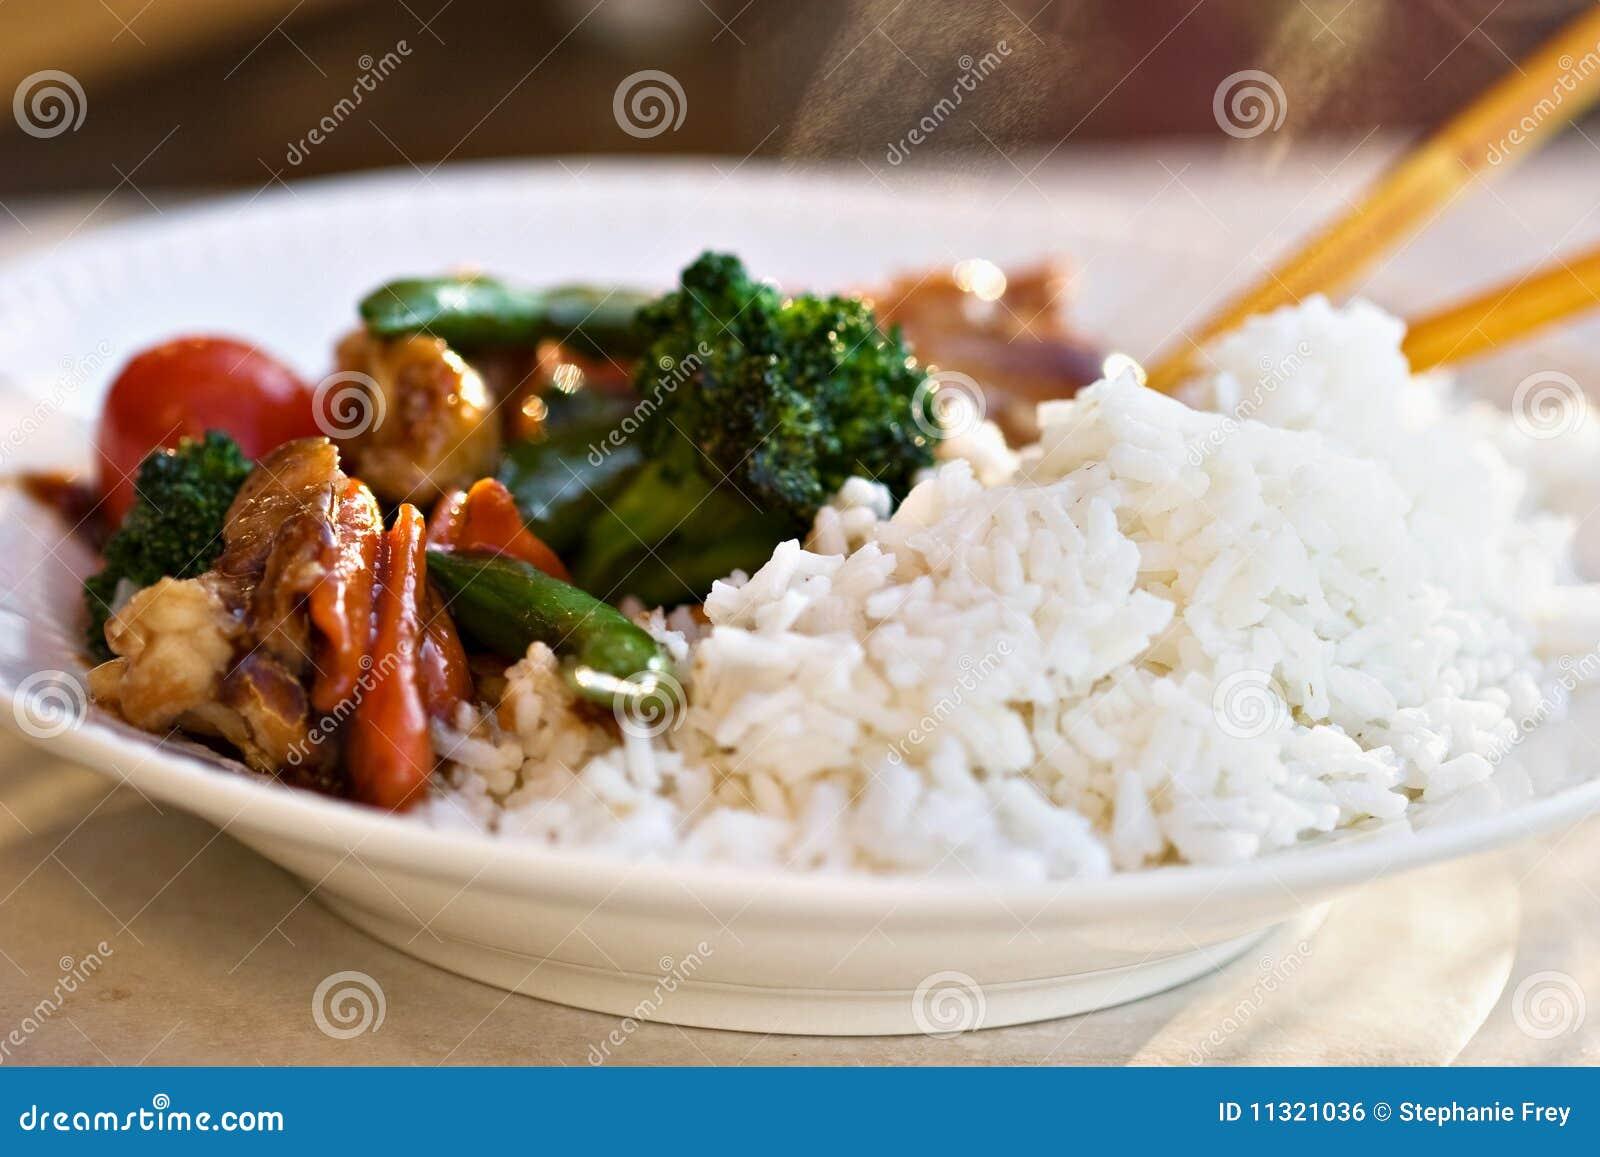 Stir gebratenes Gemüse und Huhn